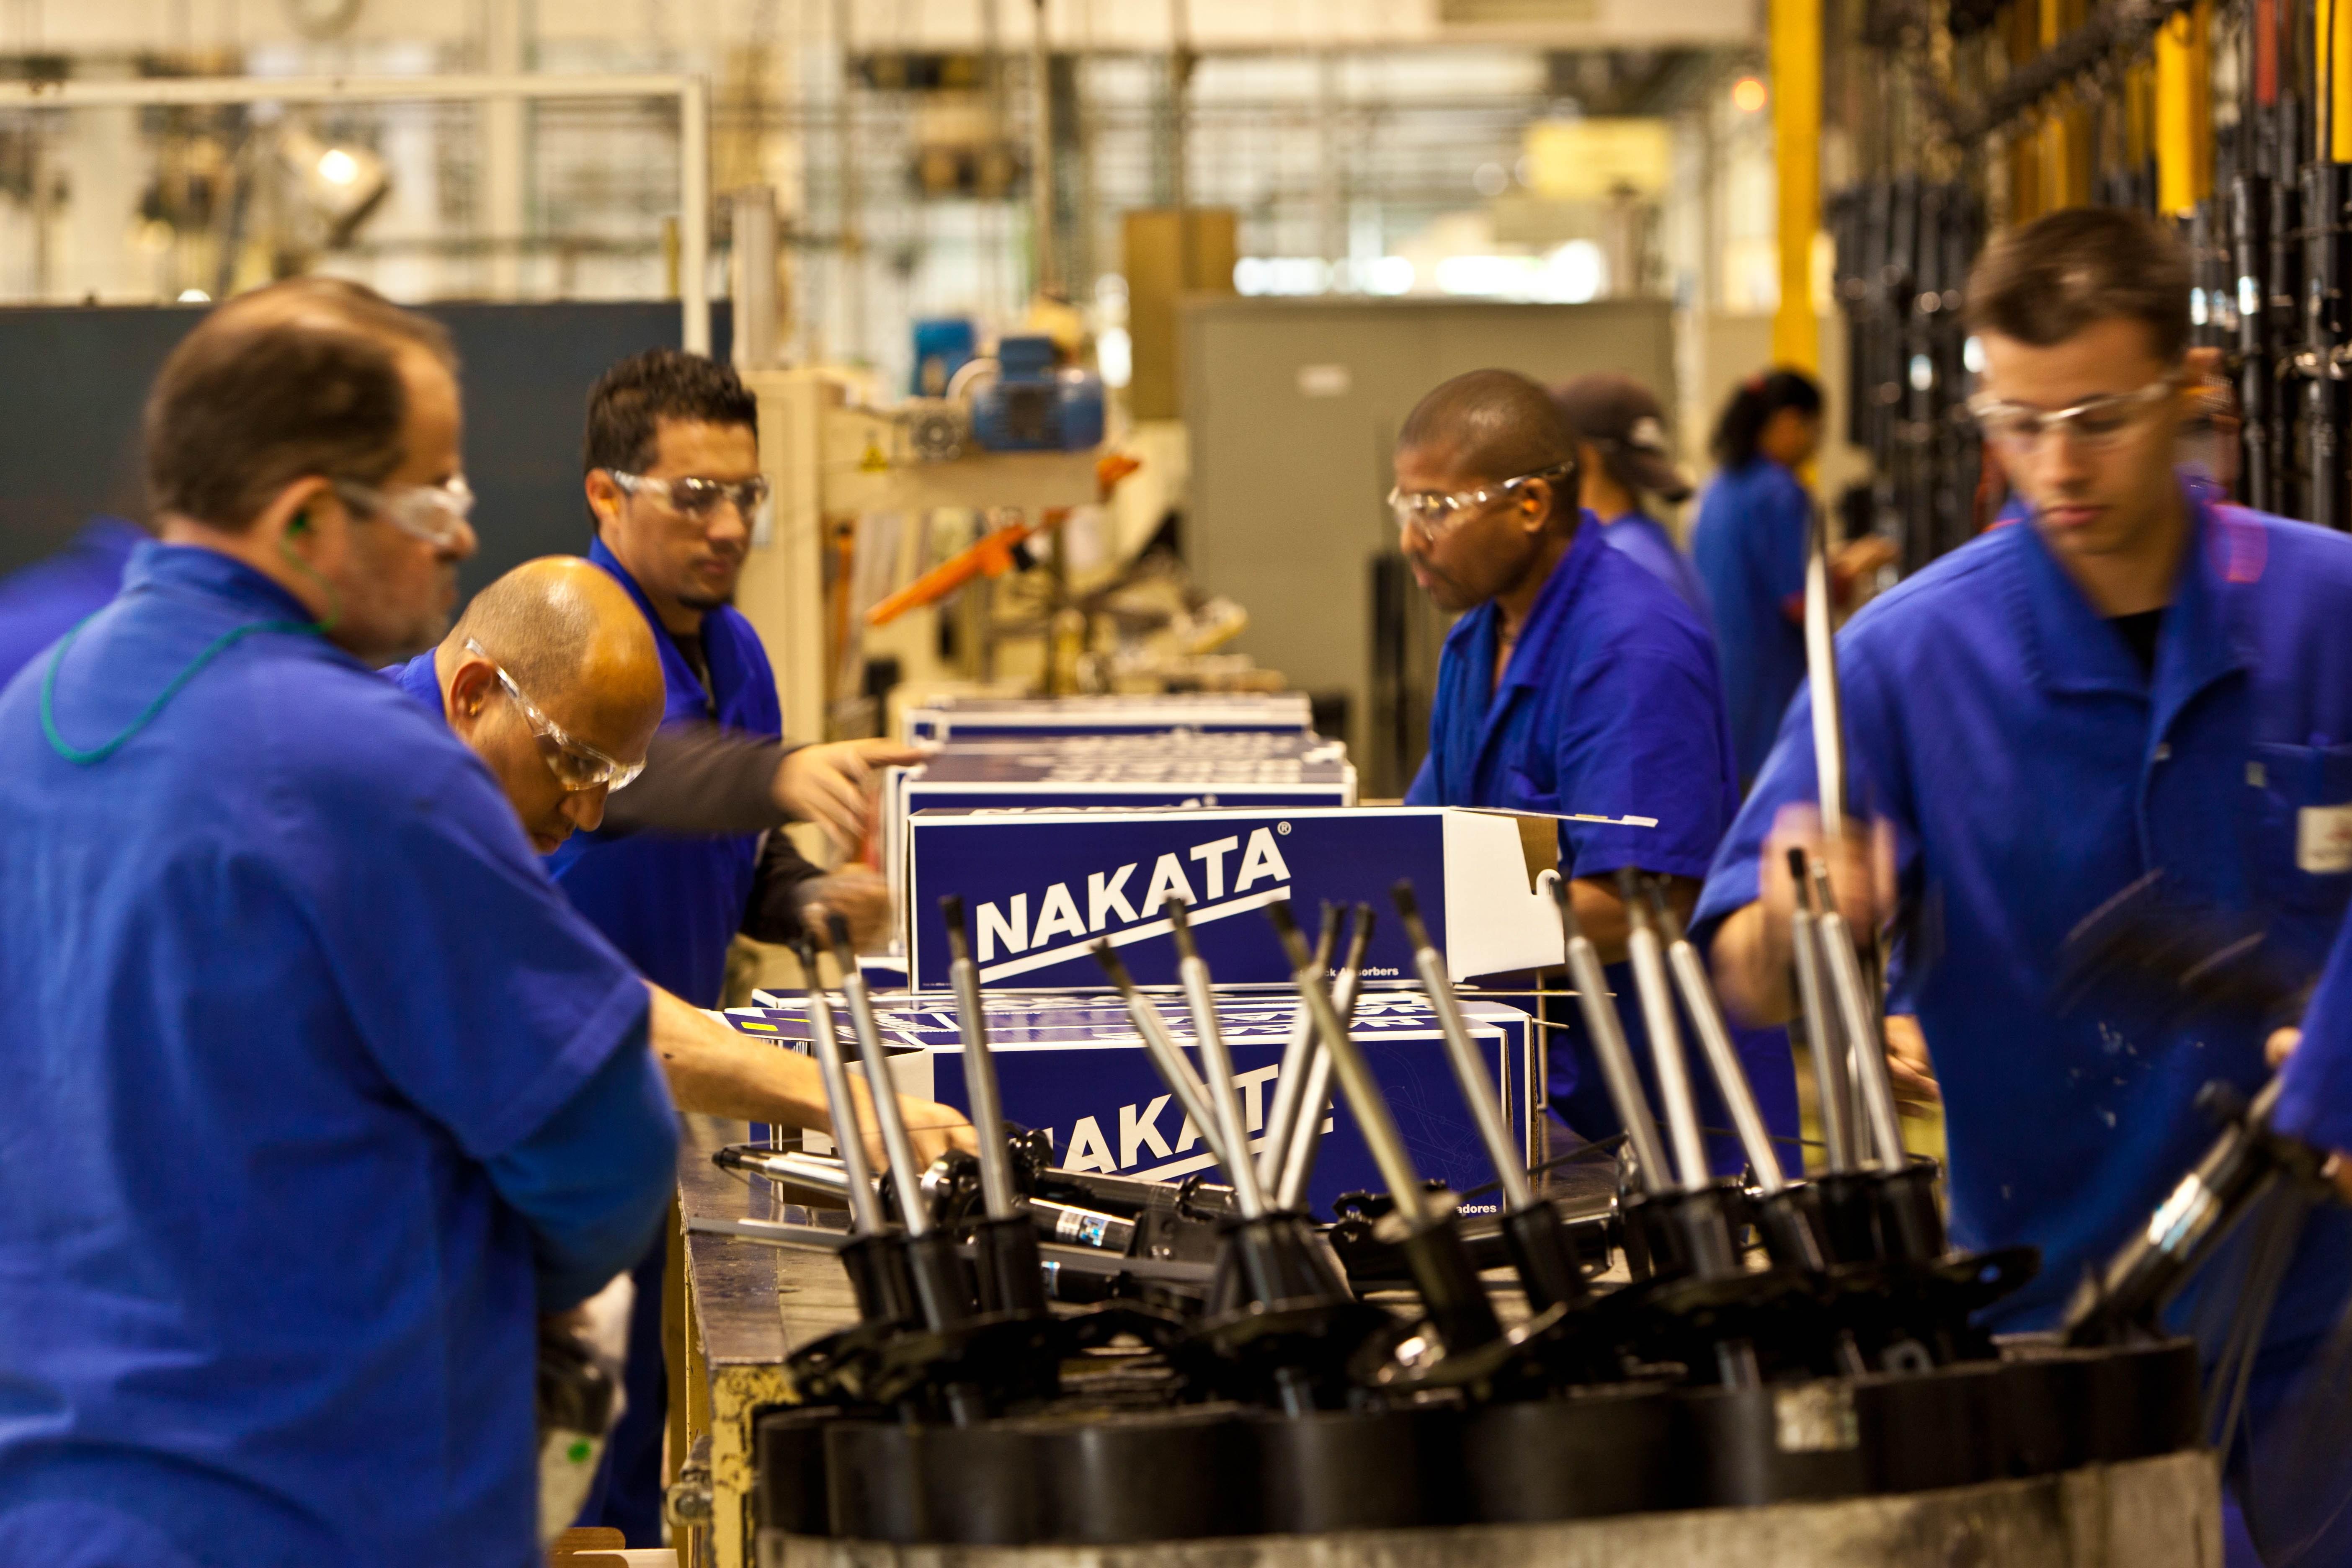 Sistema de Gestão Integrado da Nakata é bem avaliado pelo órgão mundial certificador